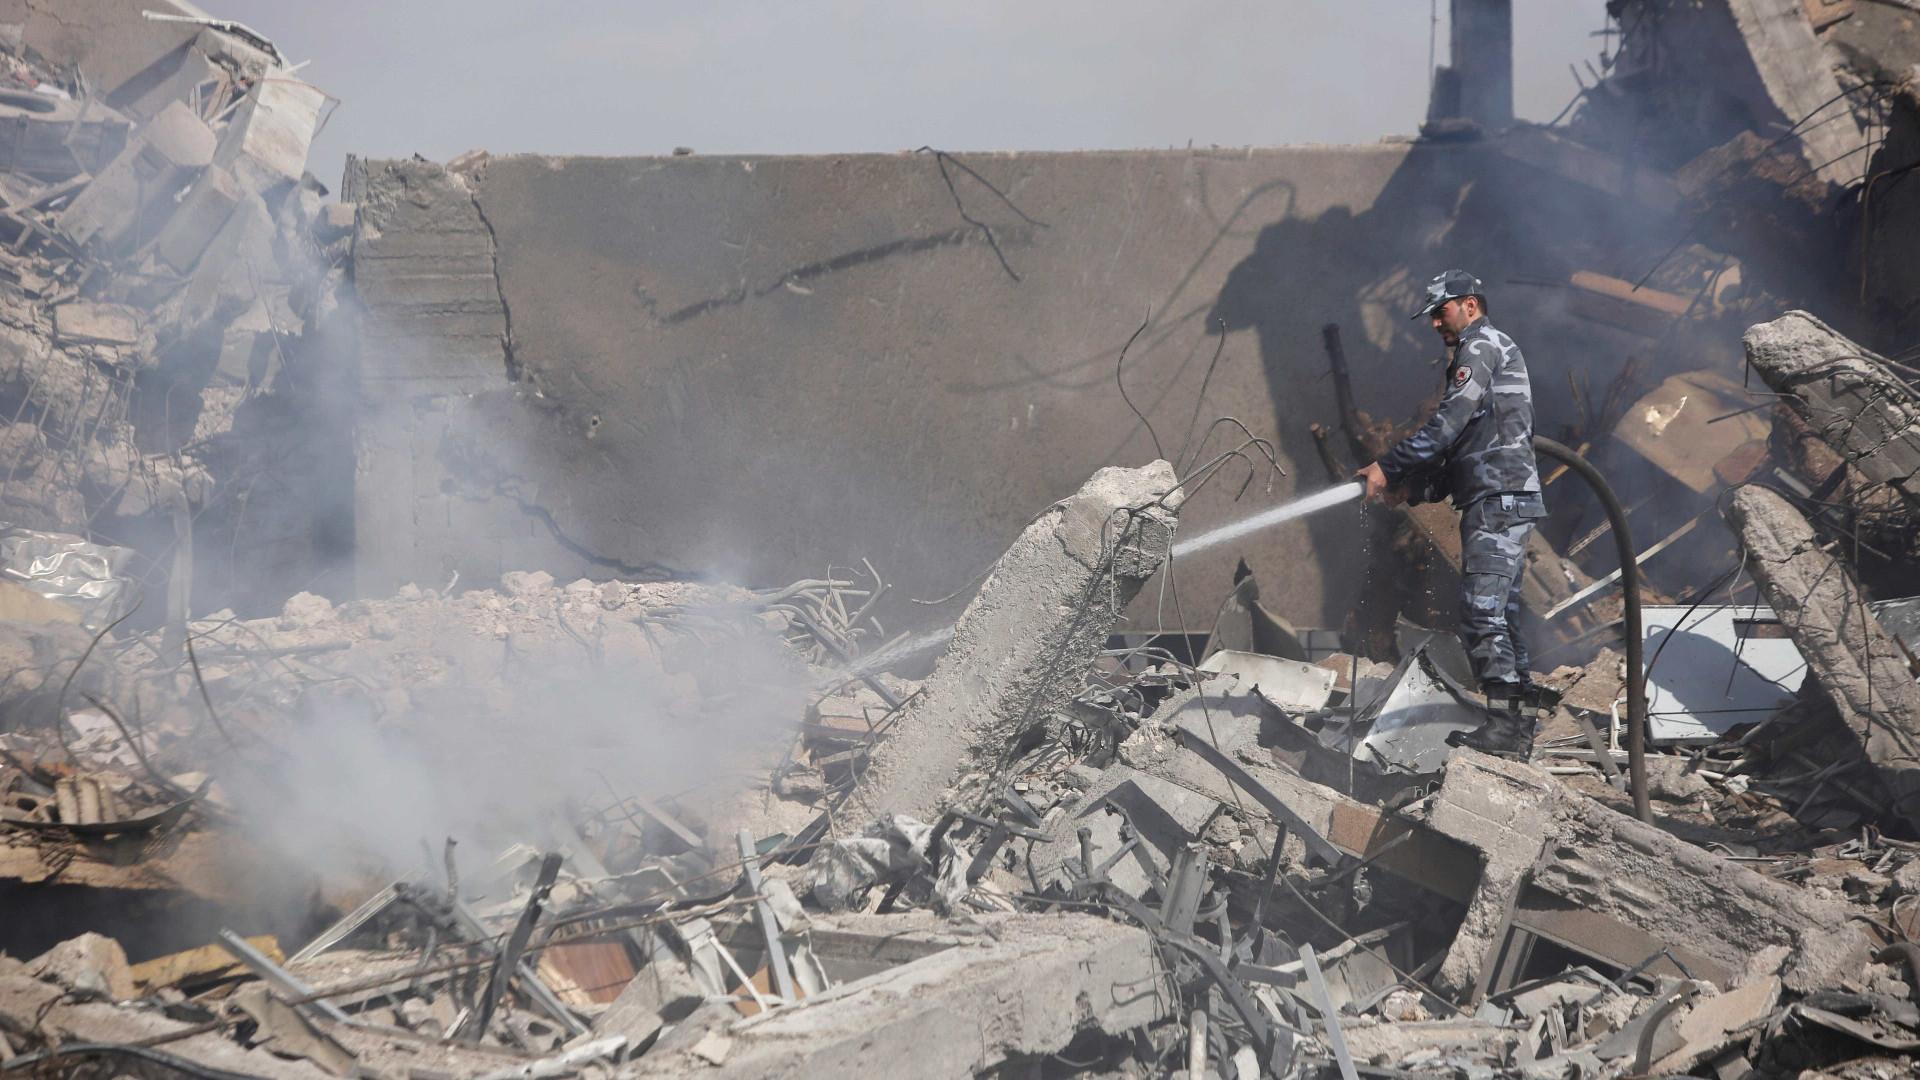 Líderes mundiais reagem após ataque dos EUA na Síria